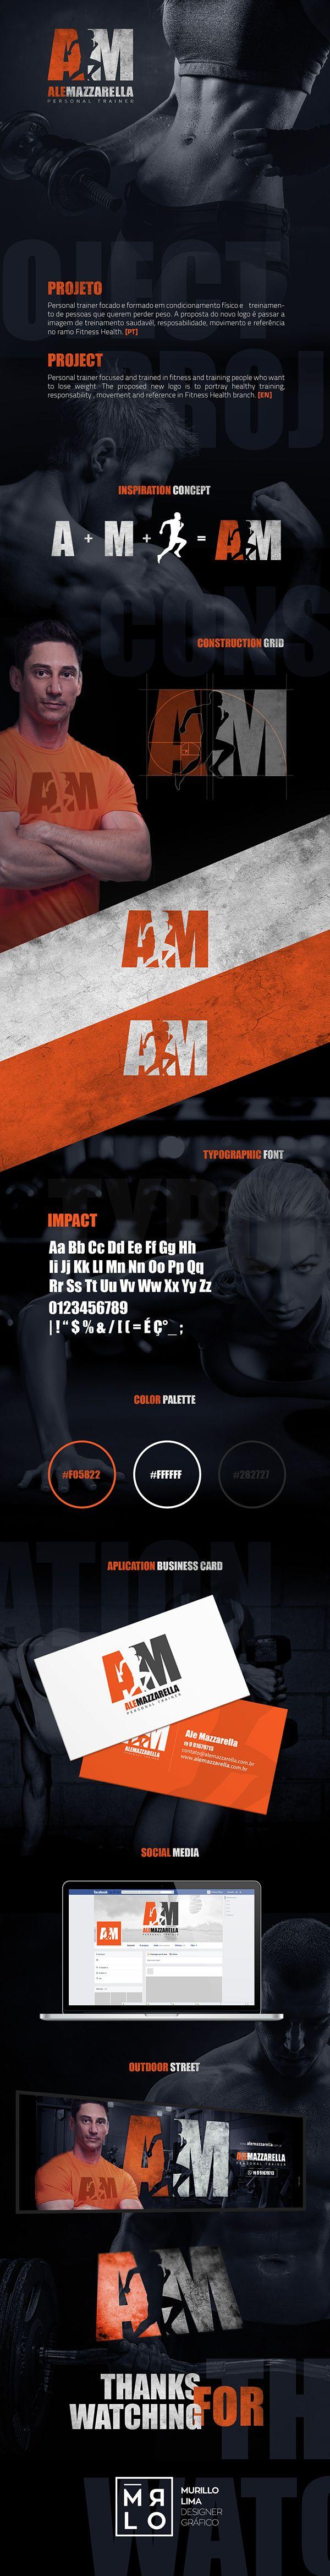 17a61a28019115.5636e5c909bba.jpg (600×4681) (Fitness Logo Ideas)